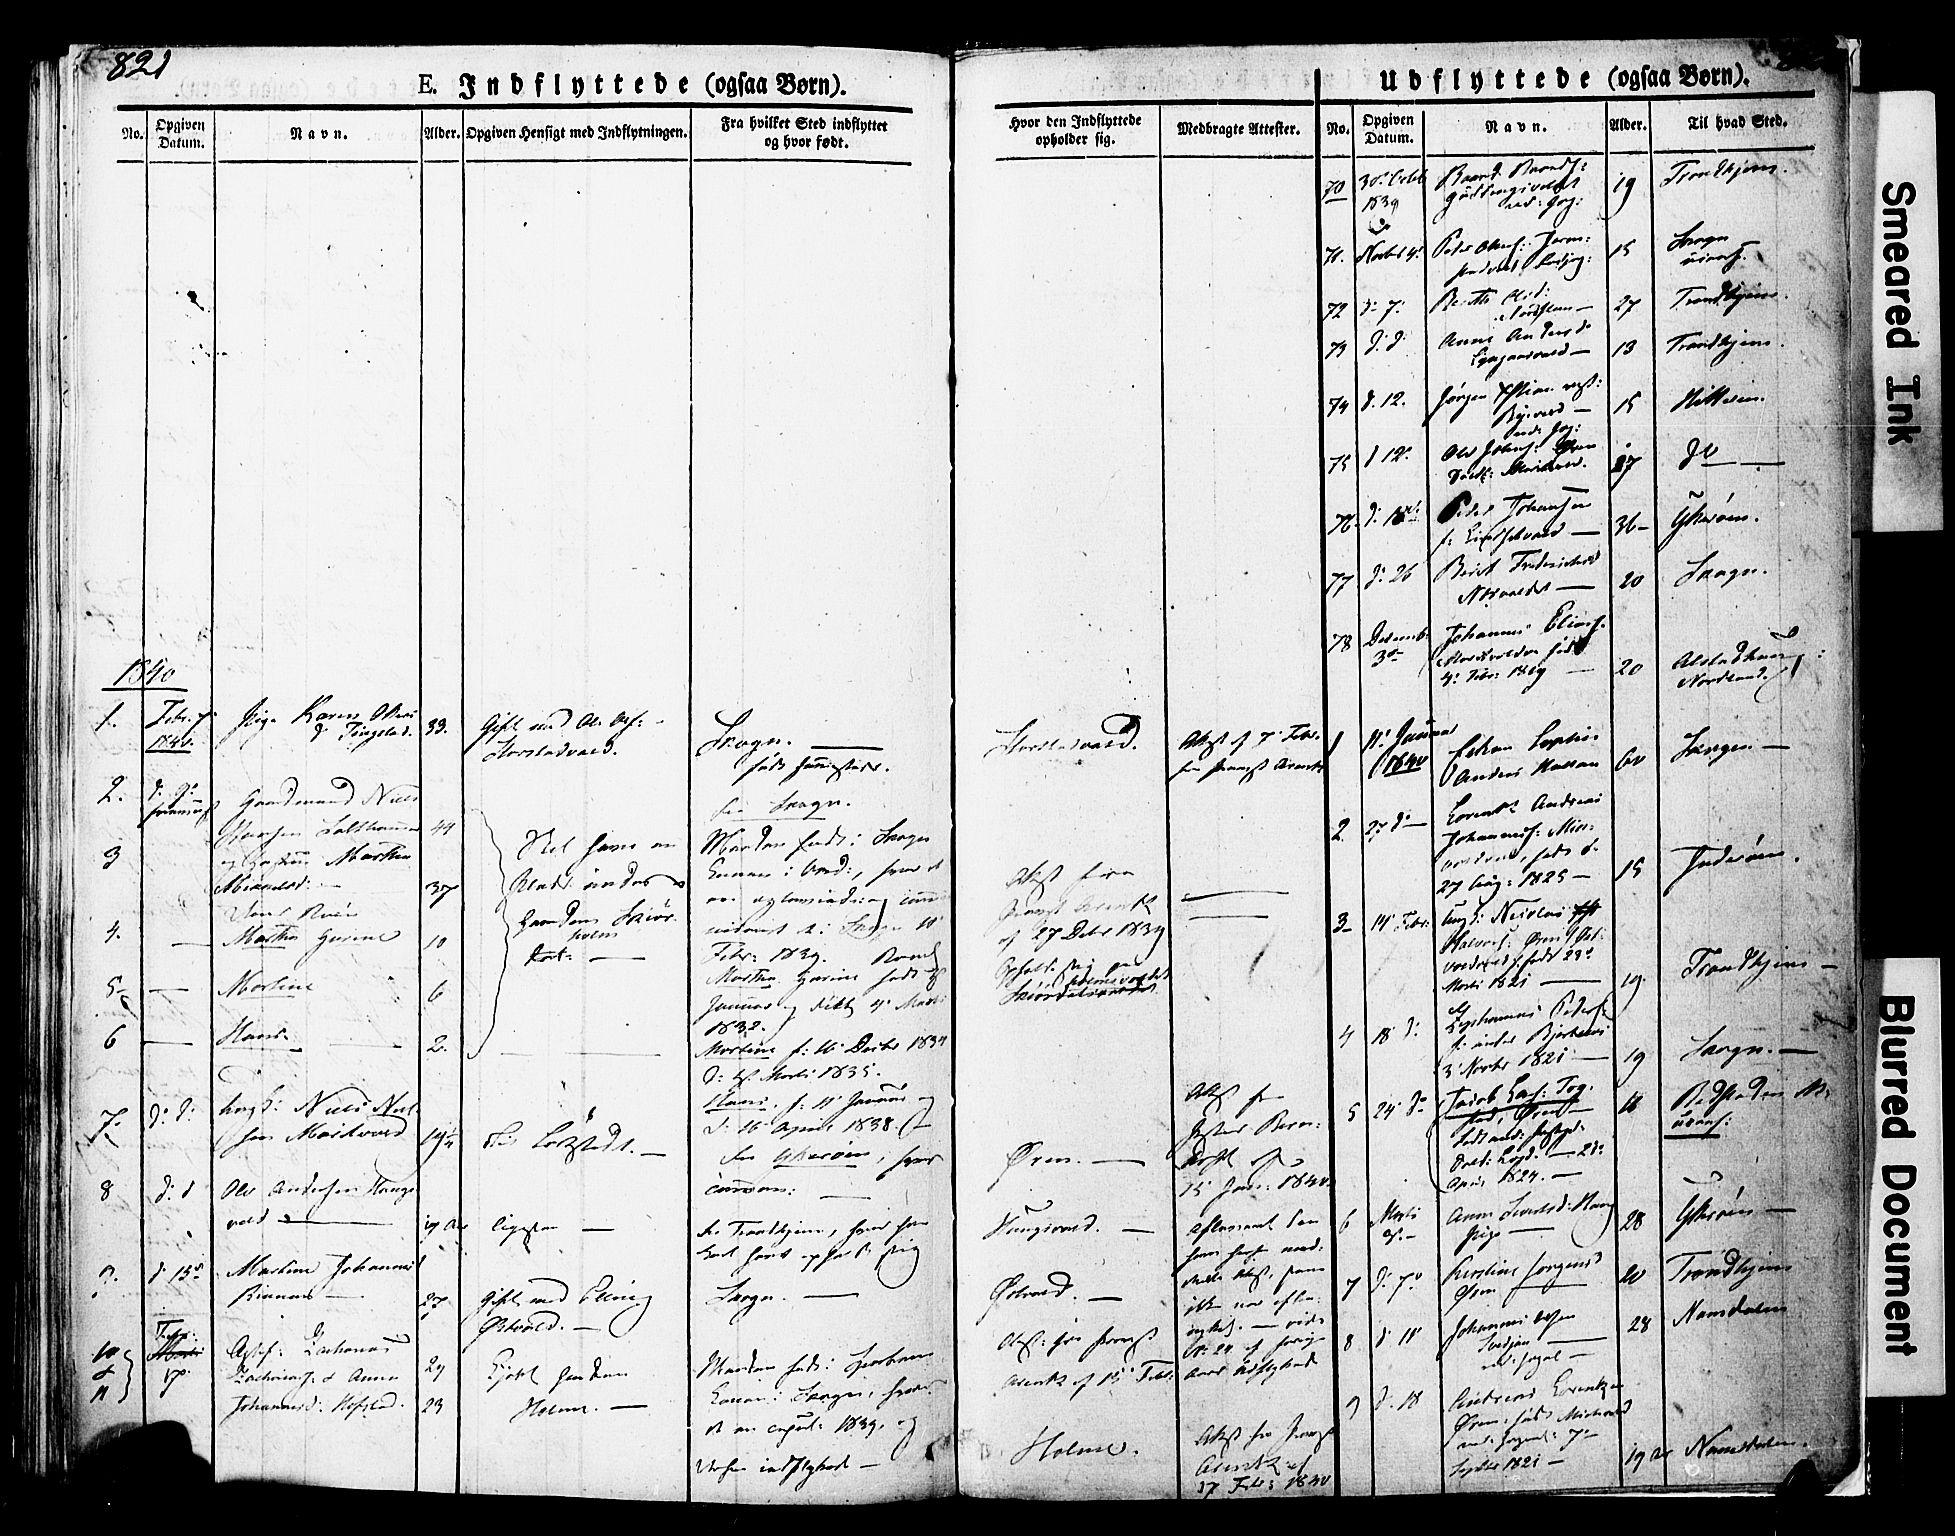 SAT, Ministerialprotokoller, klokkerbøker og fødselsregistre - Nord-Trøndelag, 723/L0243: Ministerialbok nr. 723A12, 1822-1851, s. 821-822